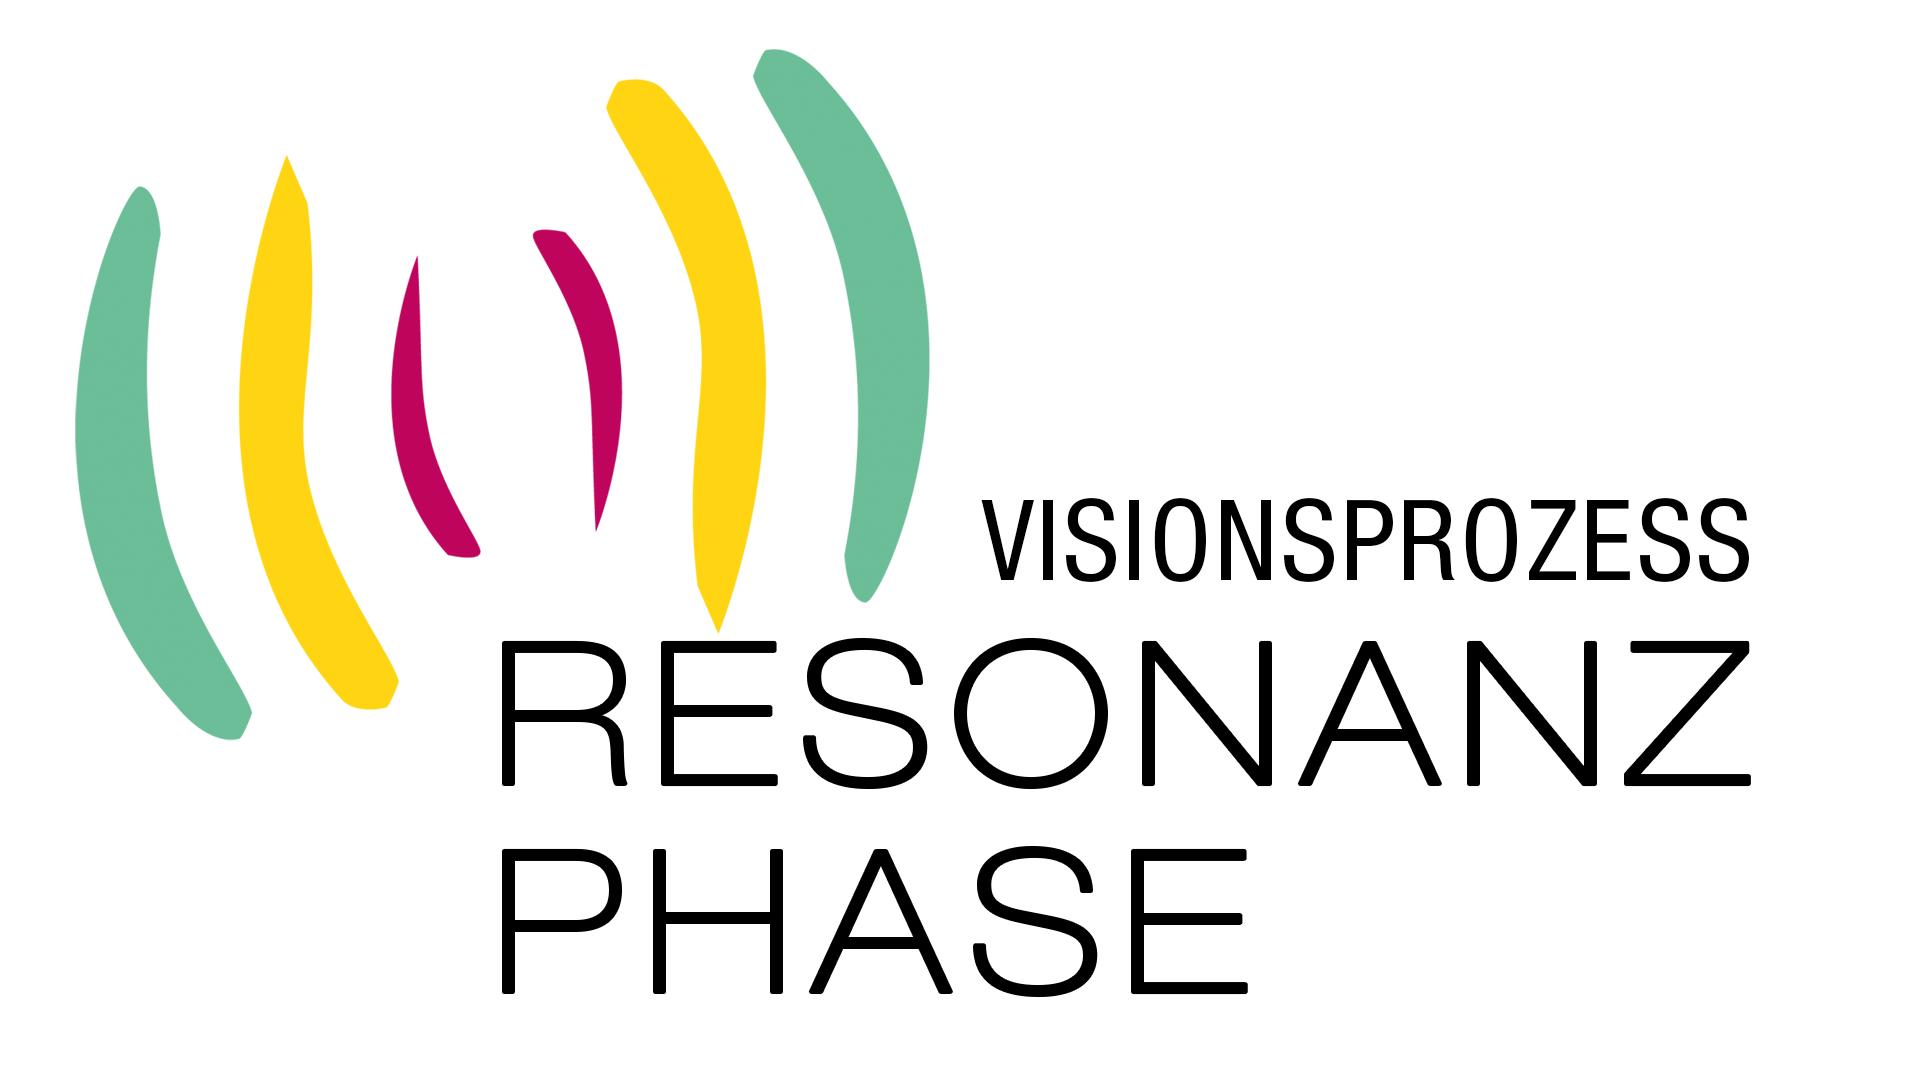 Resonanzraum für Visionsprozess eröffnet